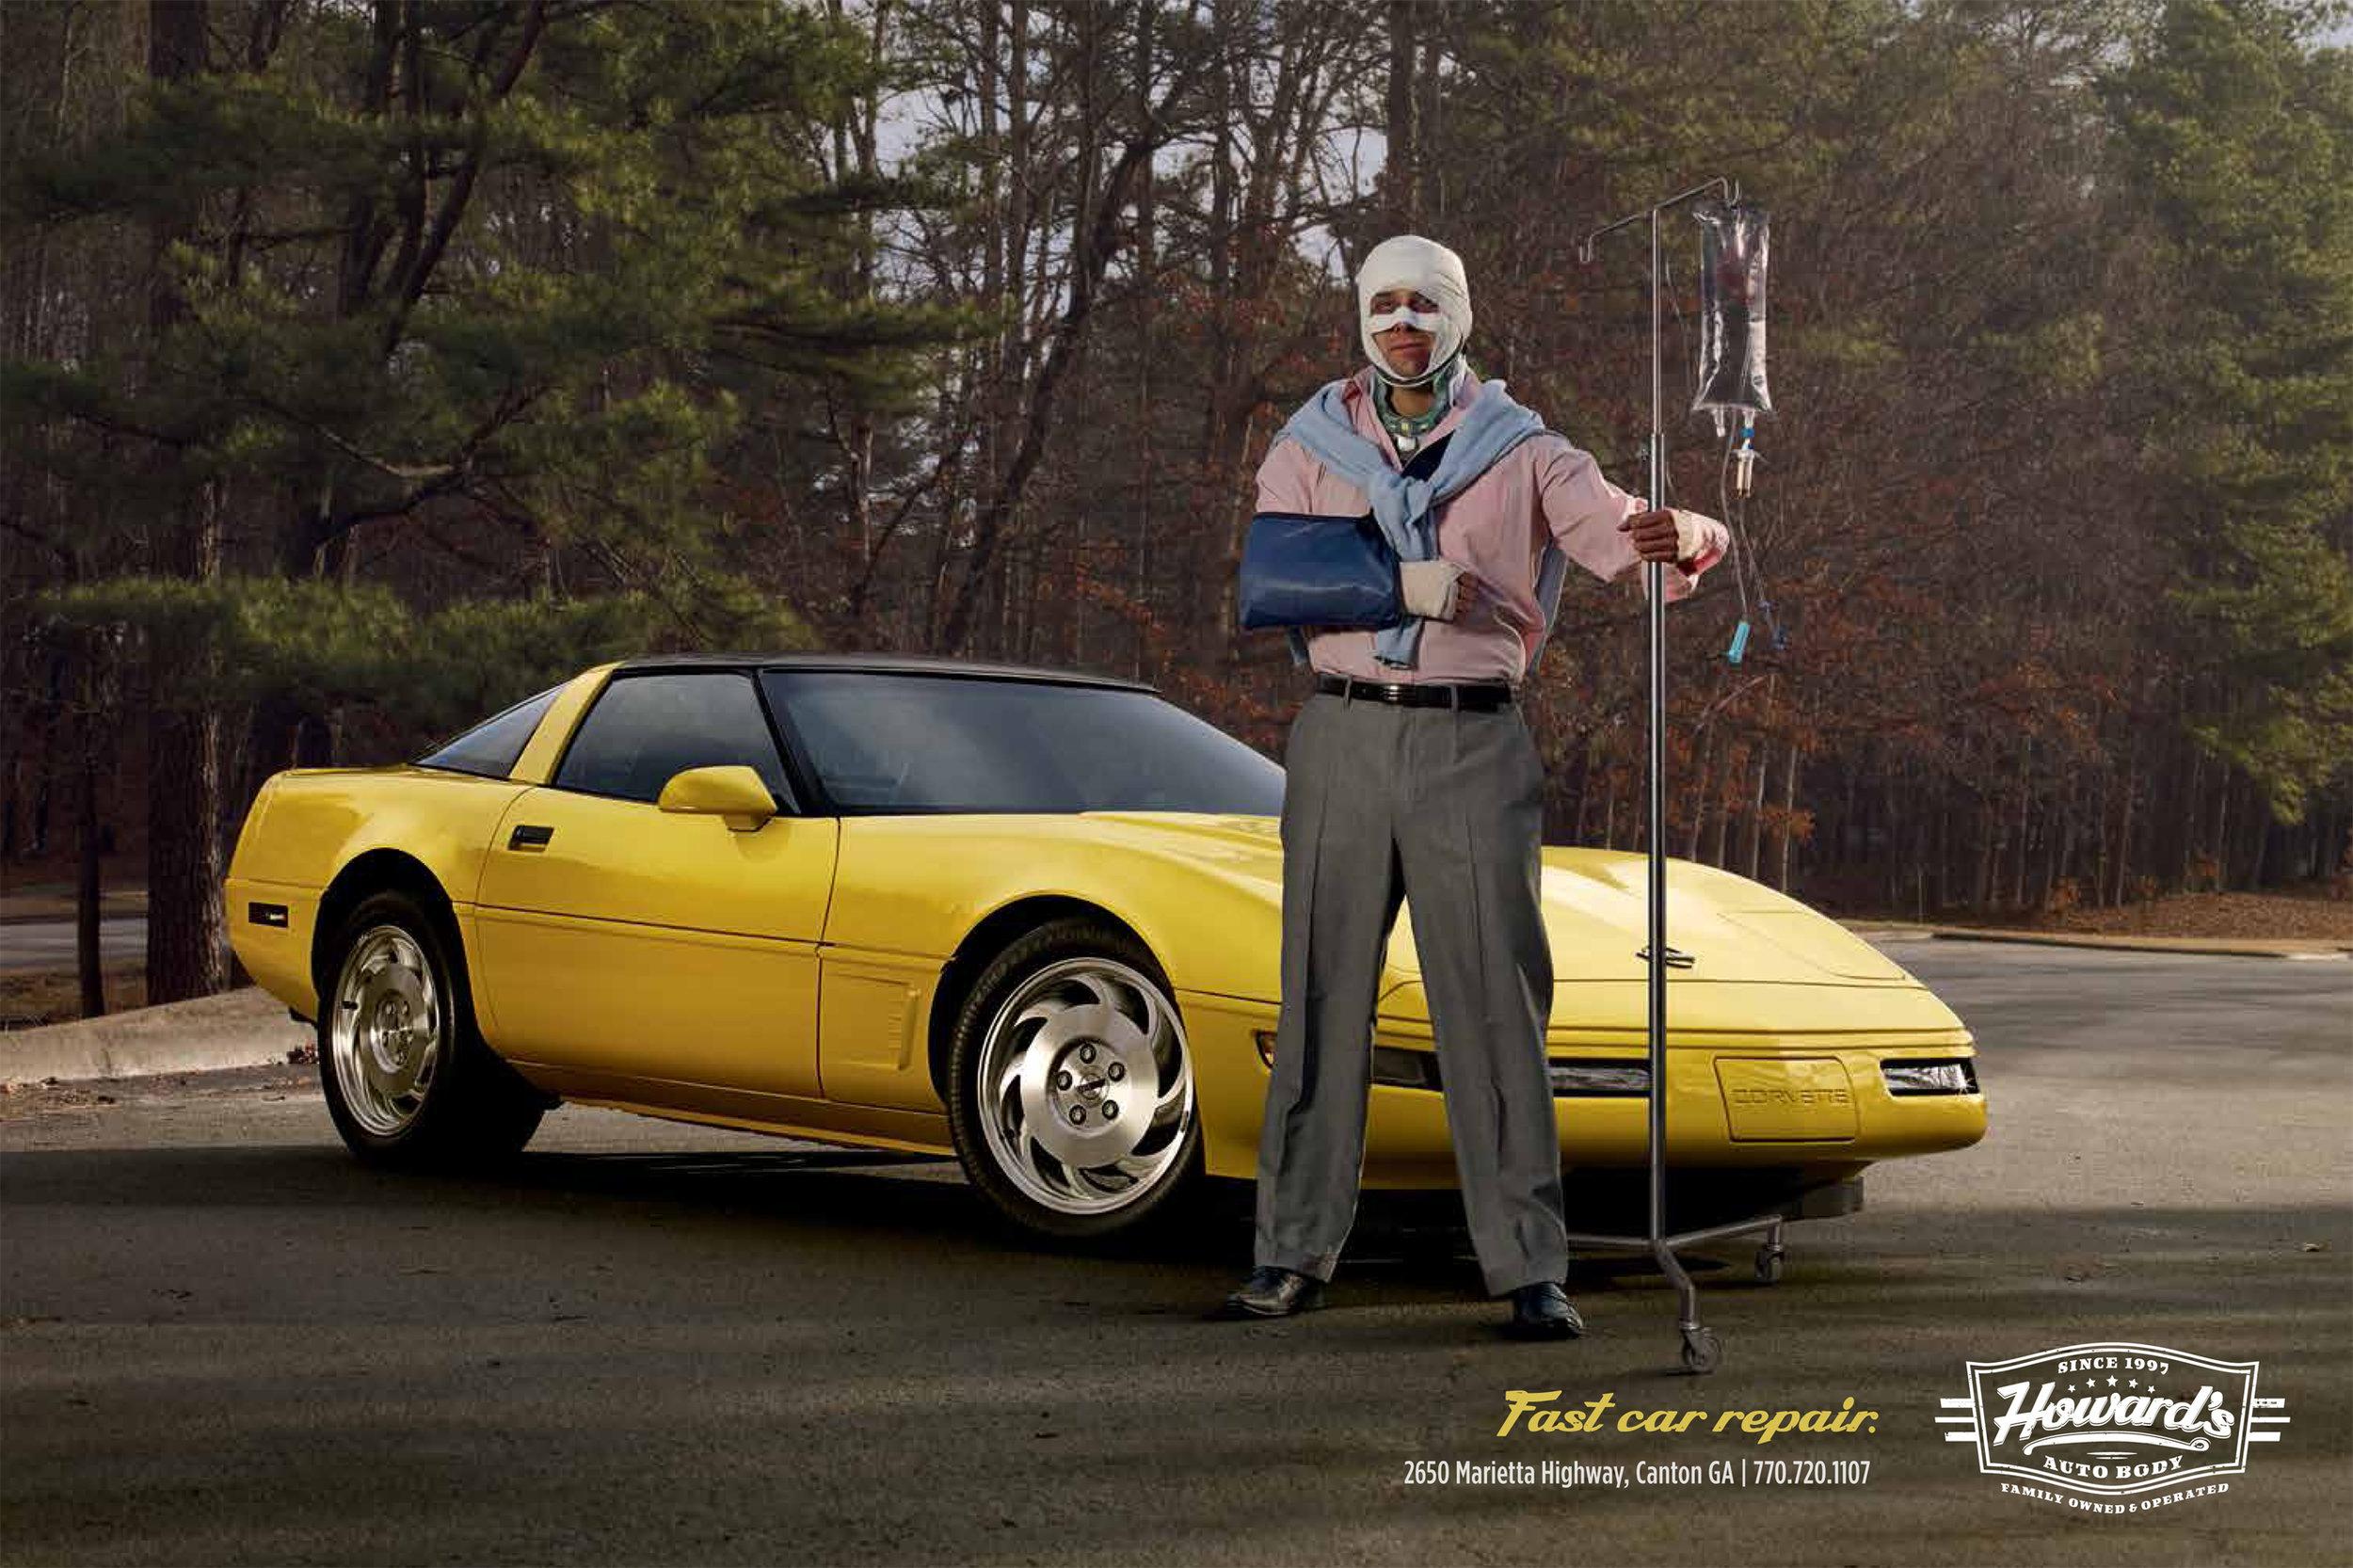 Corvette_HowardsAutoBody_Ads_Lg-1.jpg